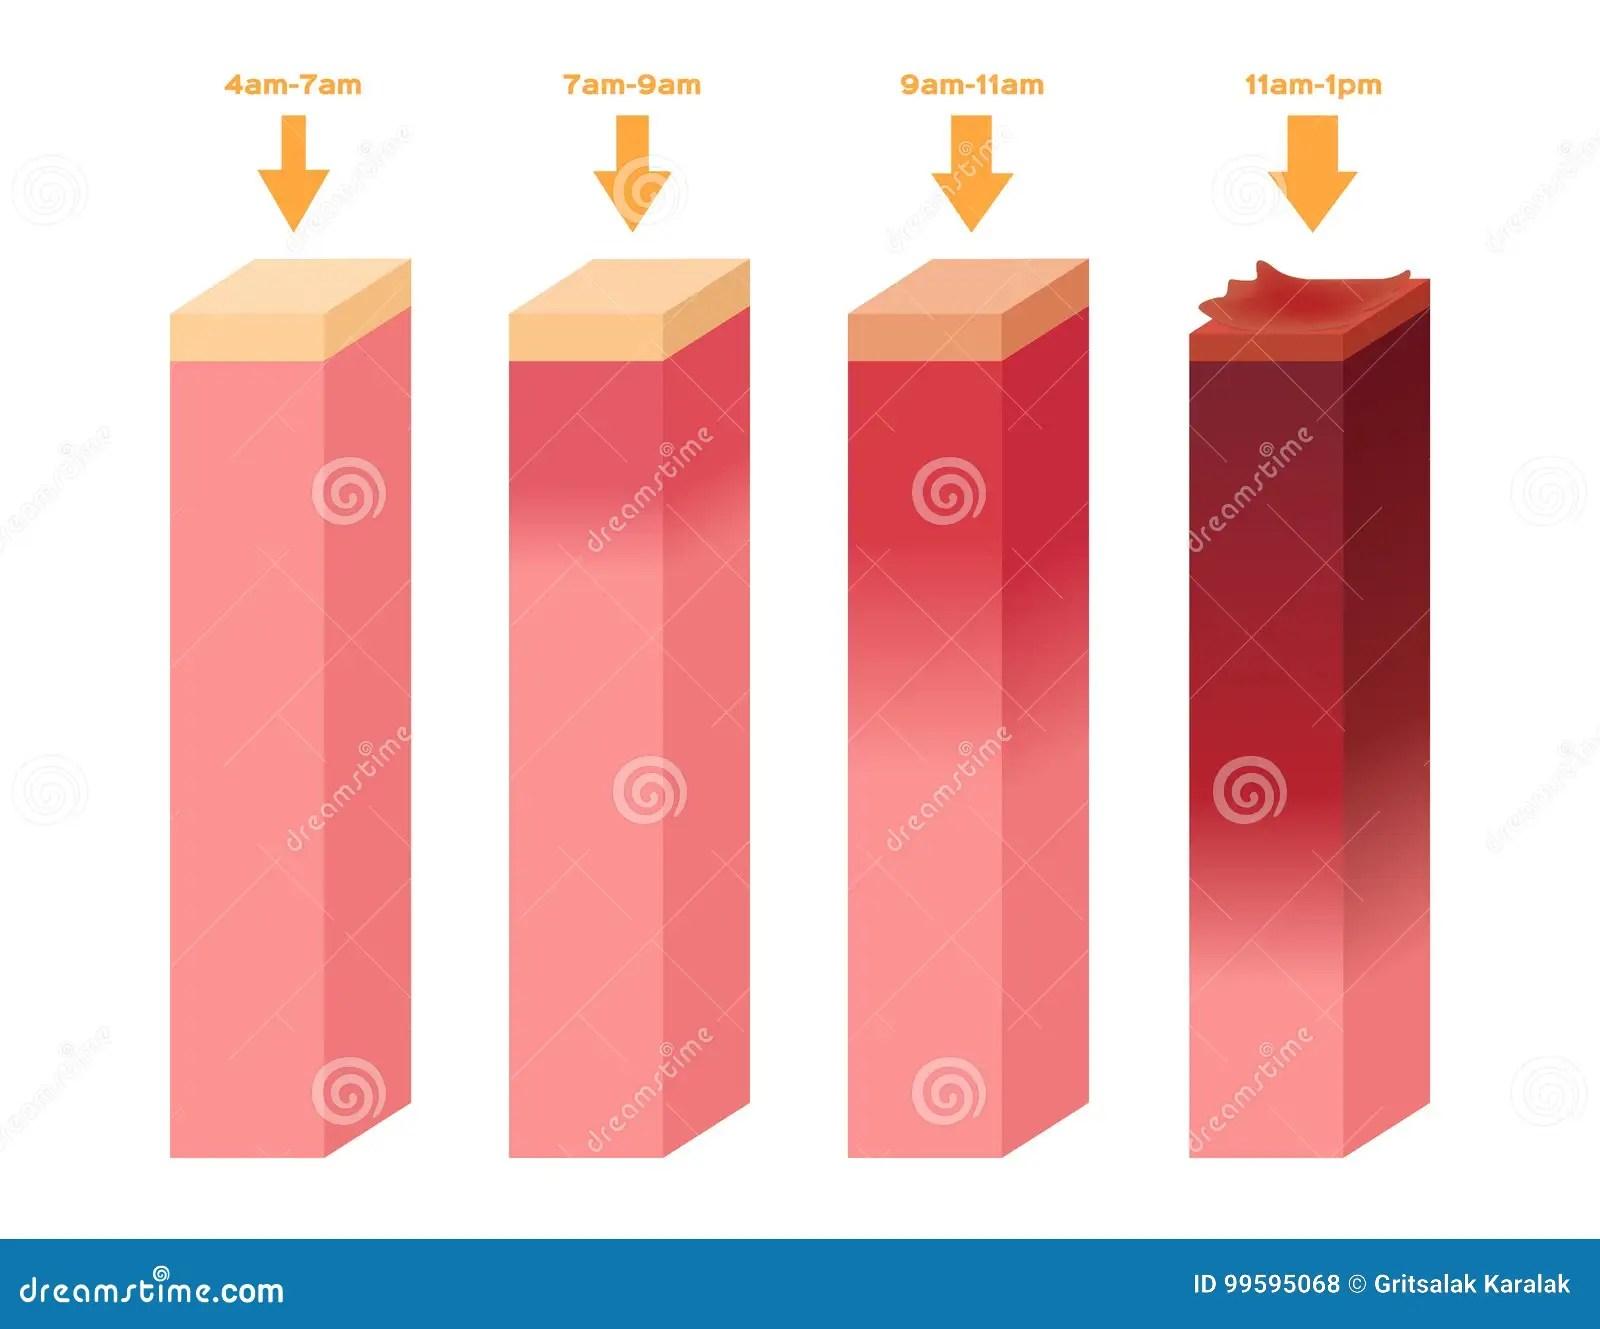 Uv Index Det Infographic Av Mansklig Hud For Ultraviolett Brannskada Fr N 4am